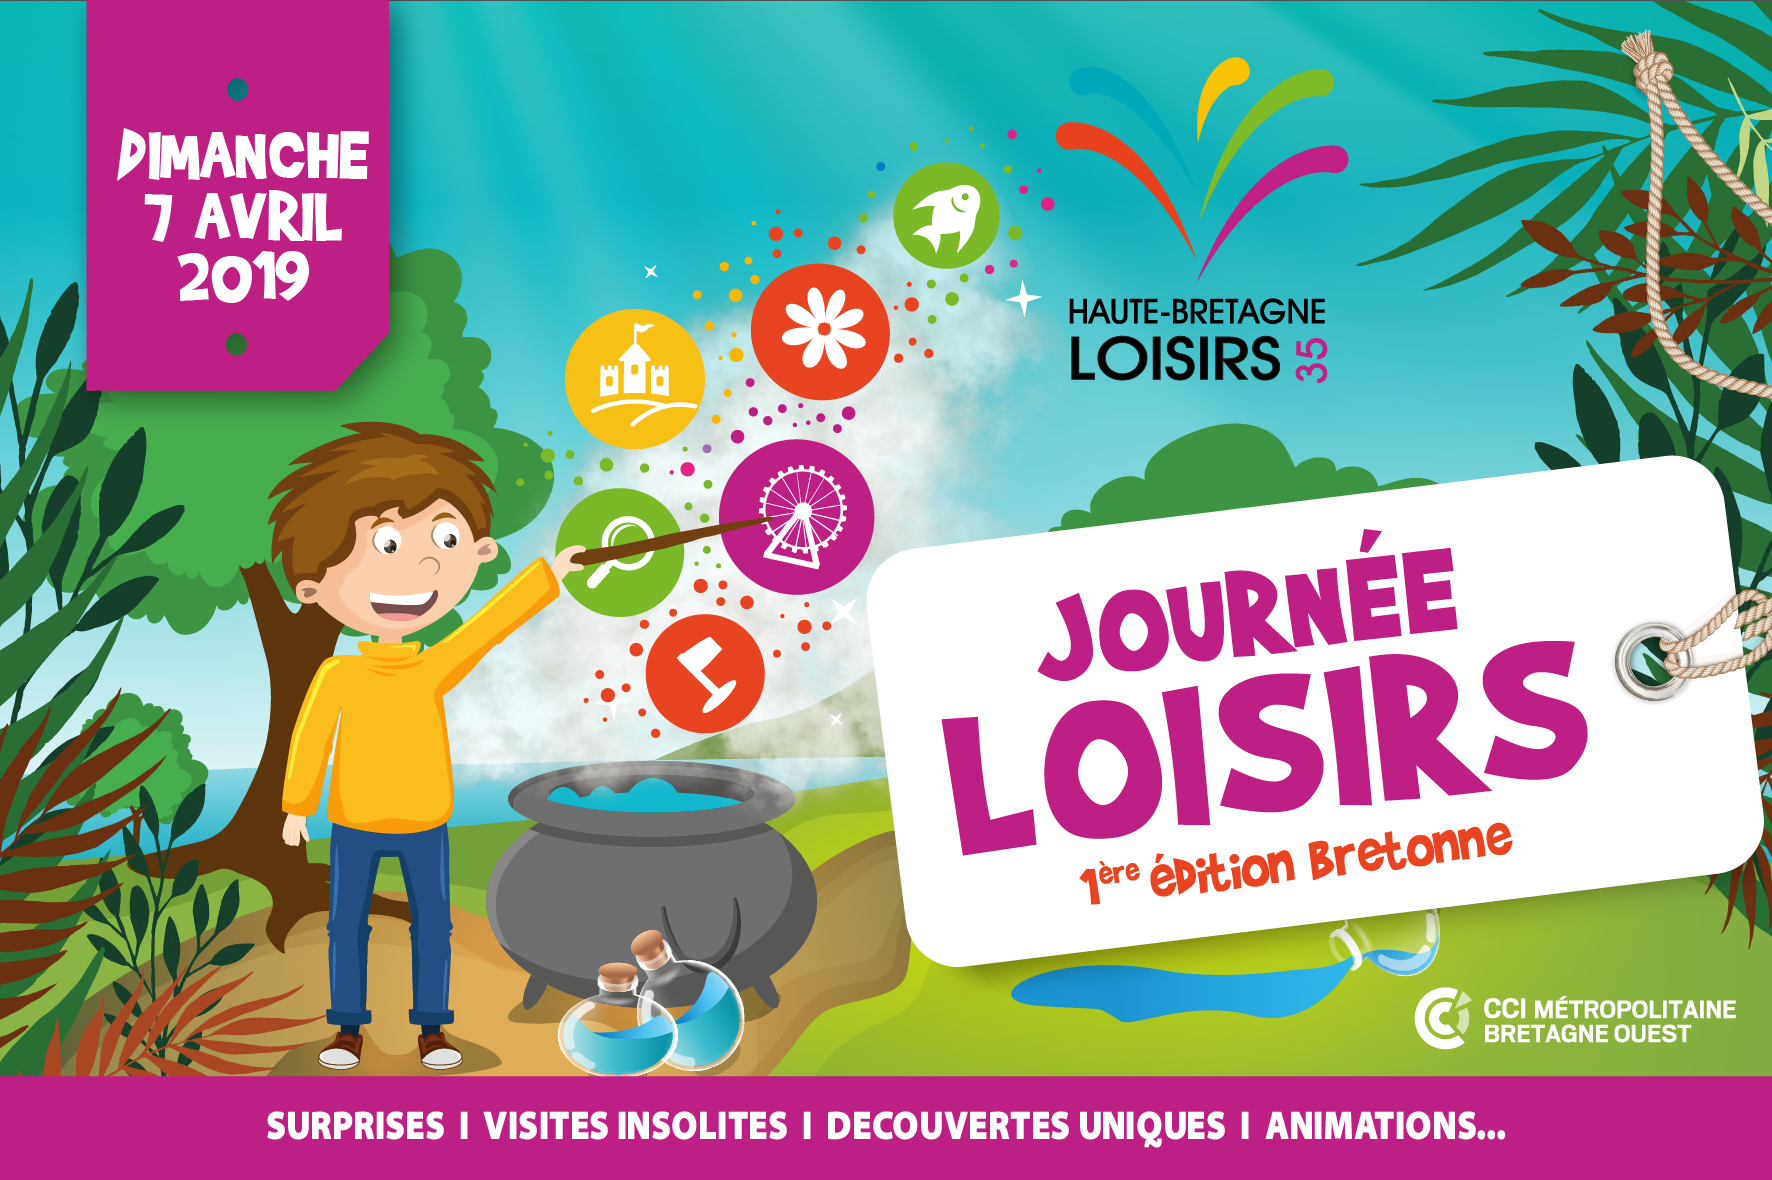 Première journée des Loisirs (édition Bretonne)